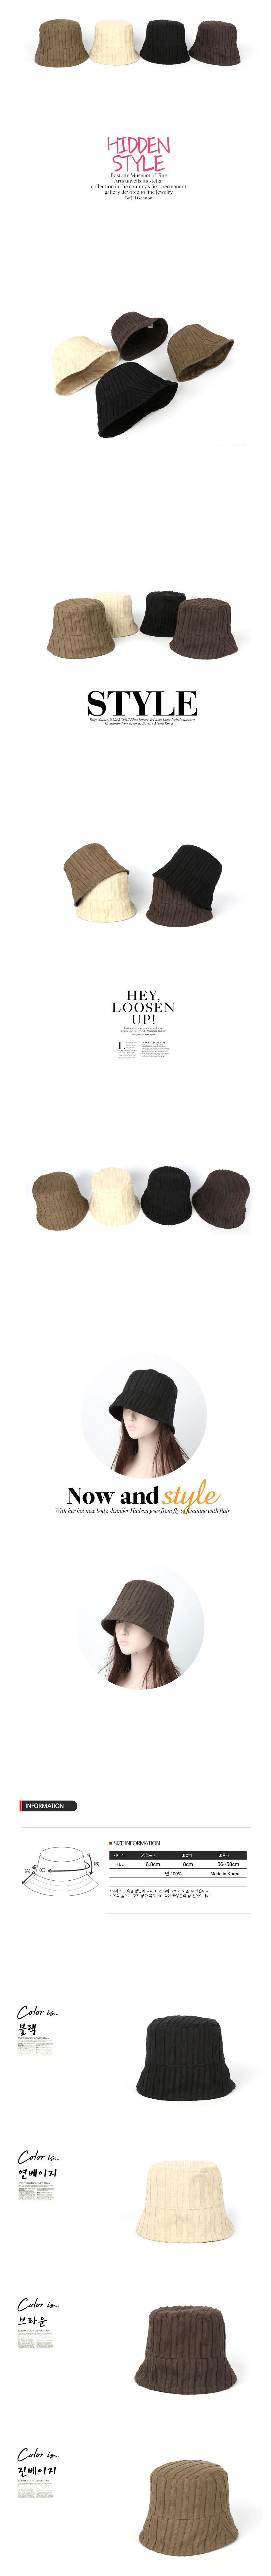 사선원통 버킷햇D 벙거지모자CH1490276 - 익스트리모, 21,160원, 모자, 버킷햇